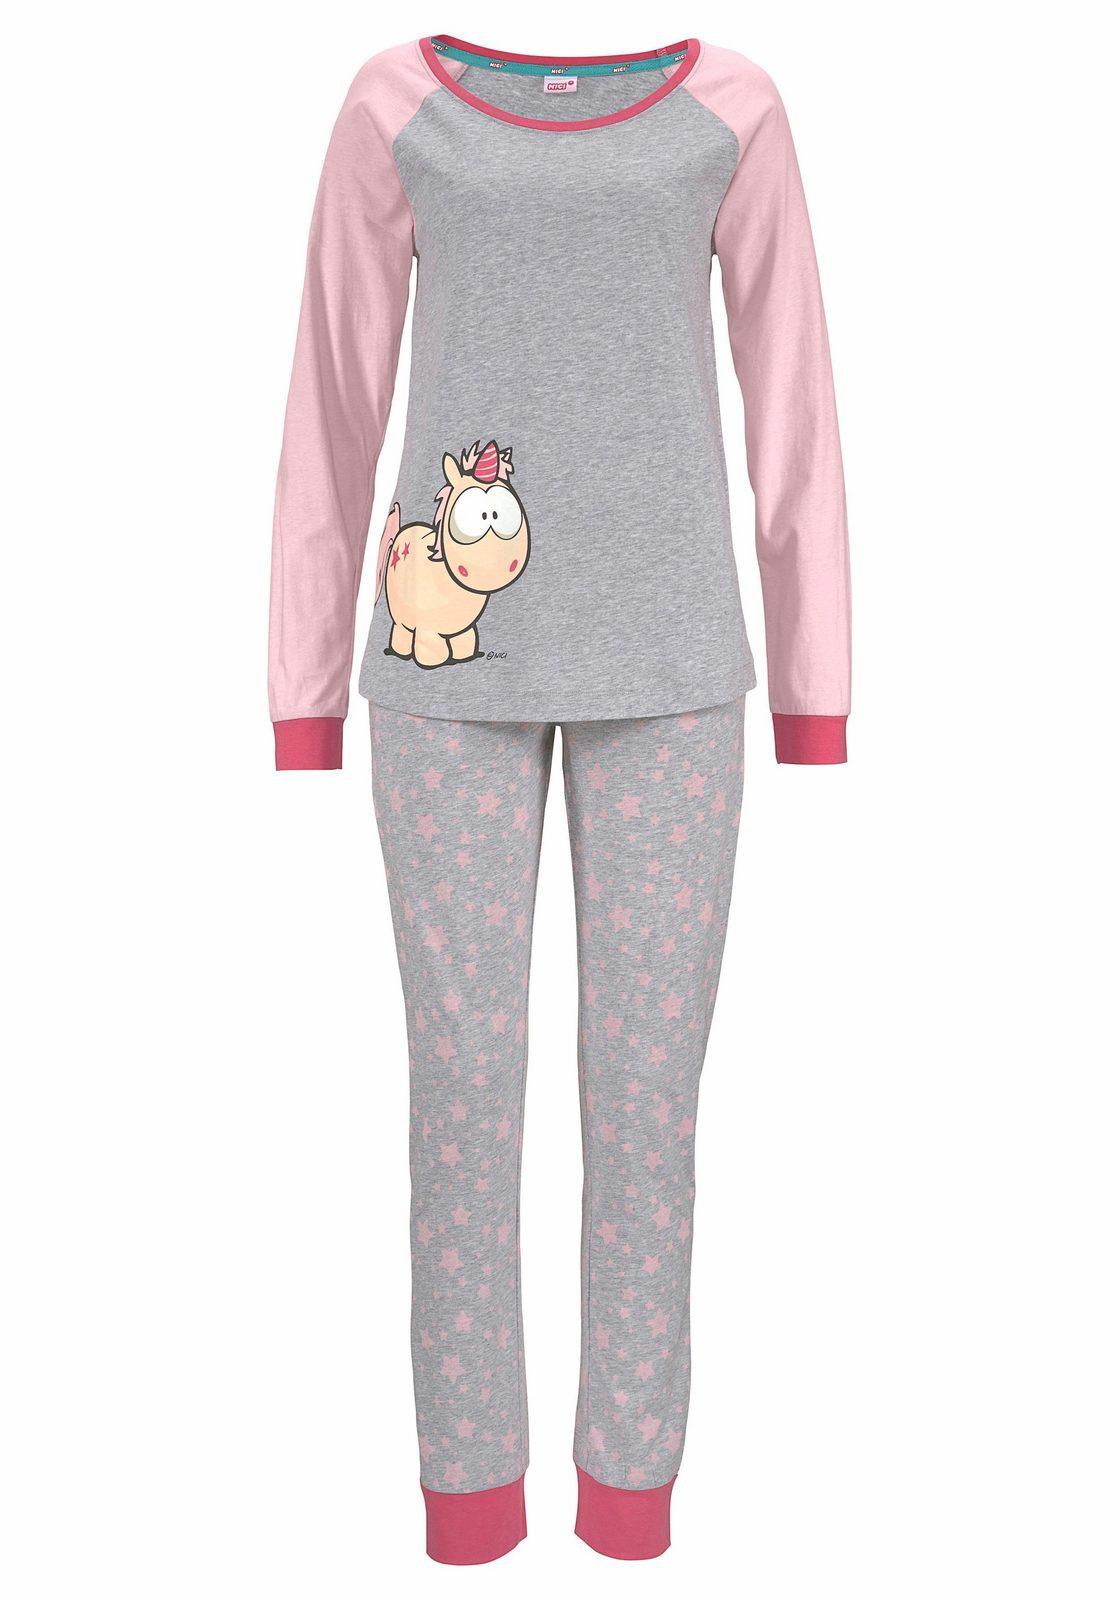 NICI Pyjama mit Einhorn-Print und Sternenmuster